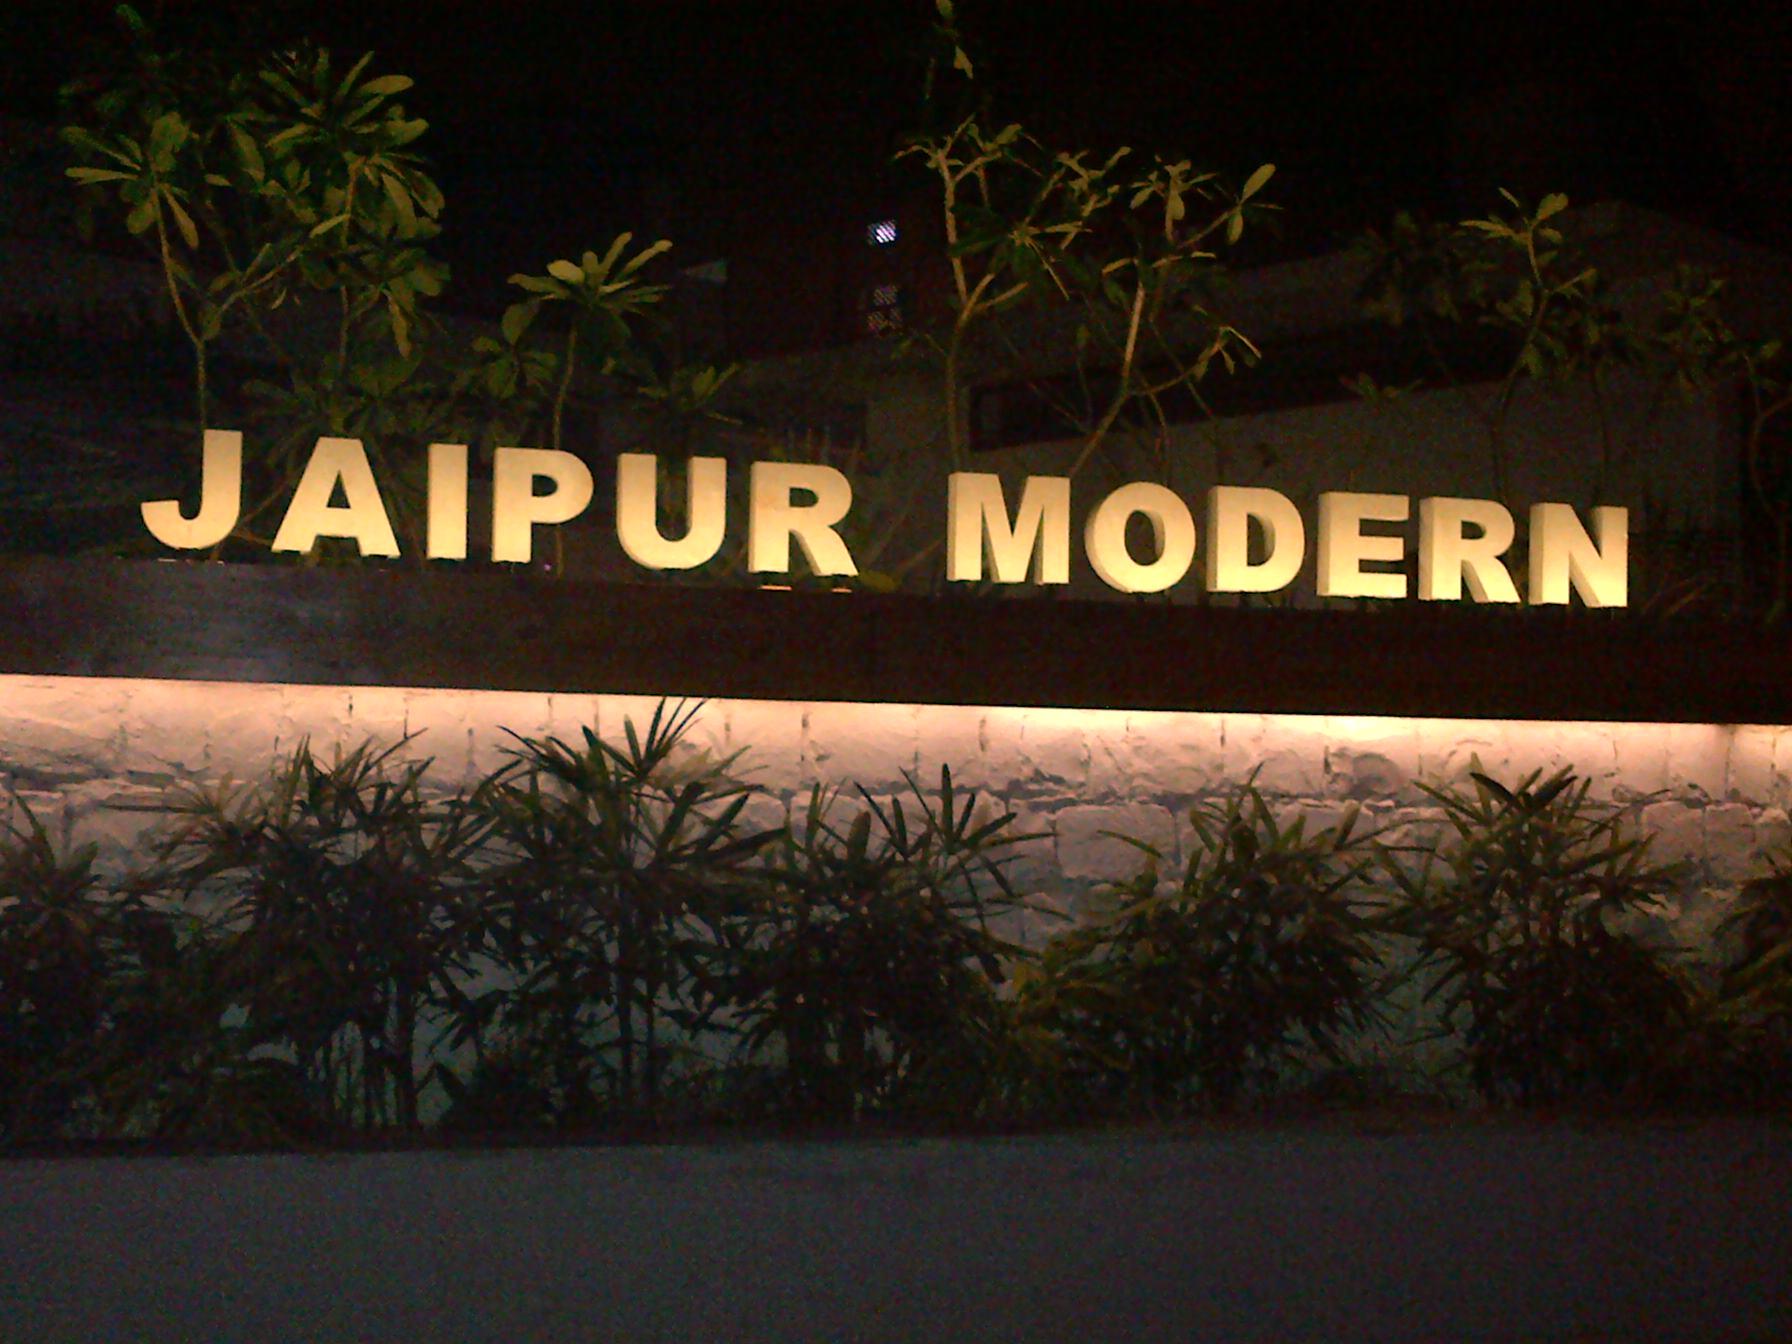 Jaipur Modern